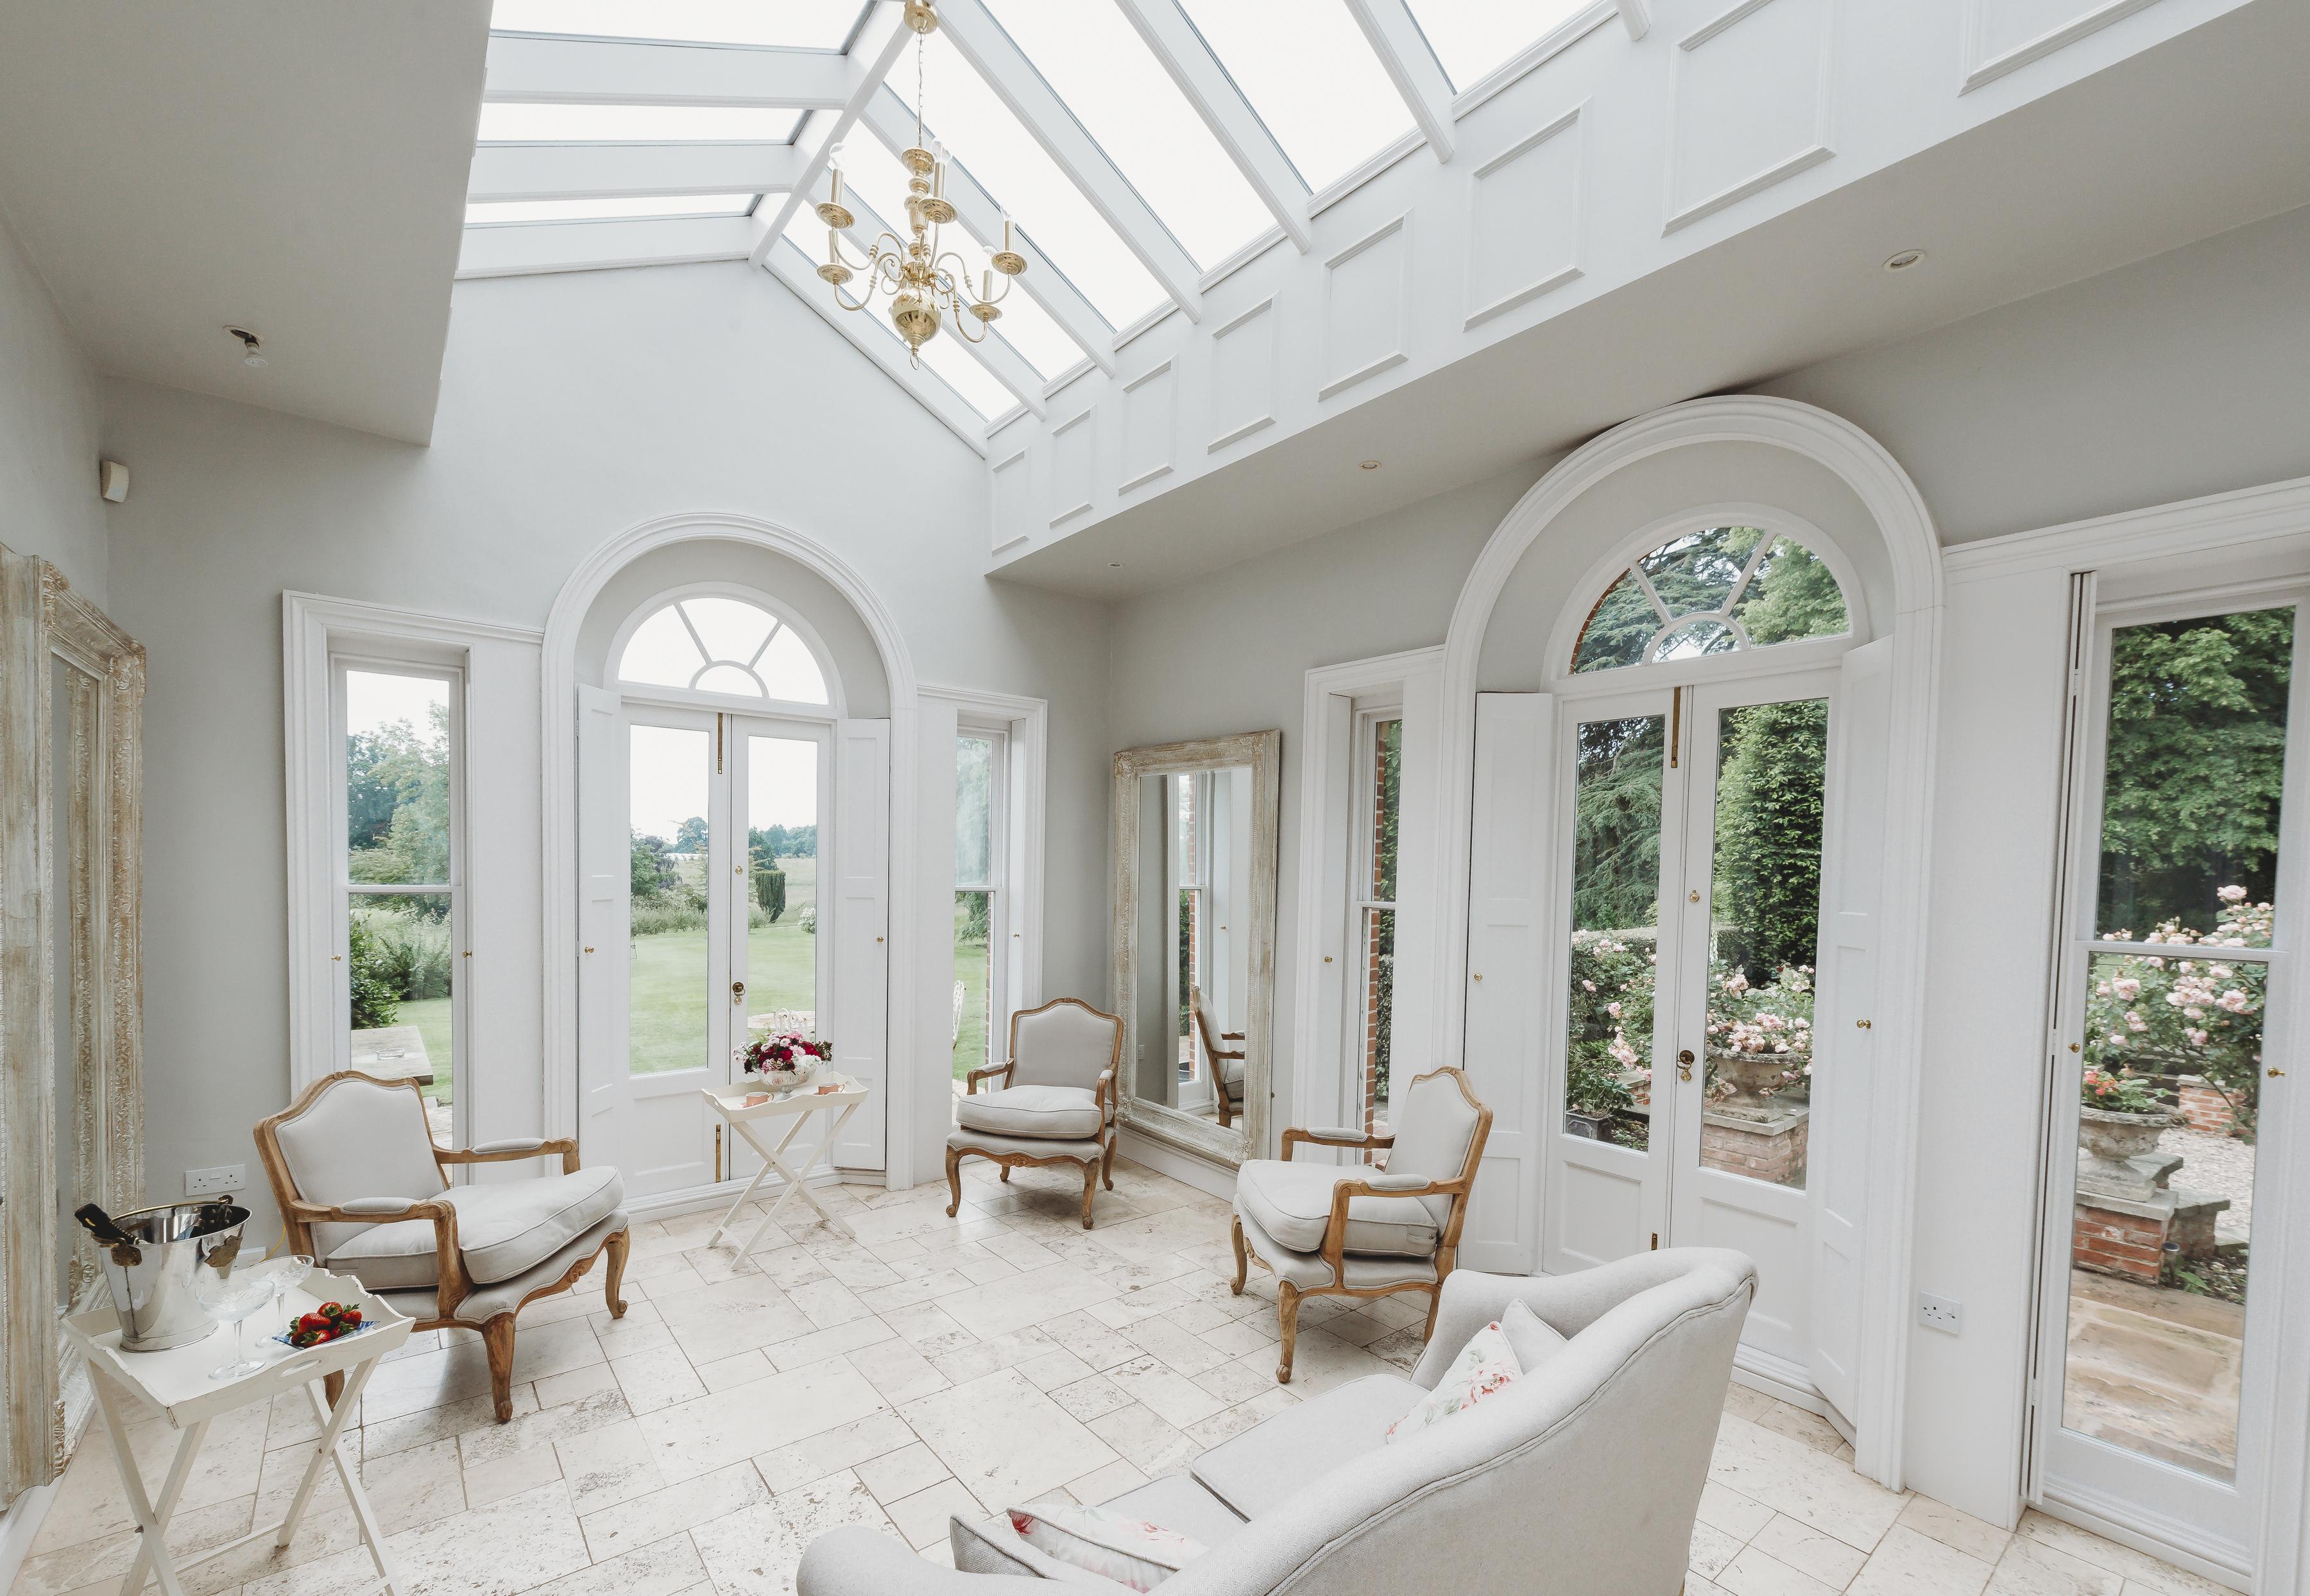 Interior of Bridal Orangery